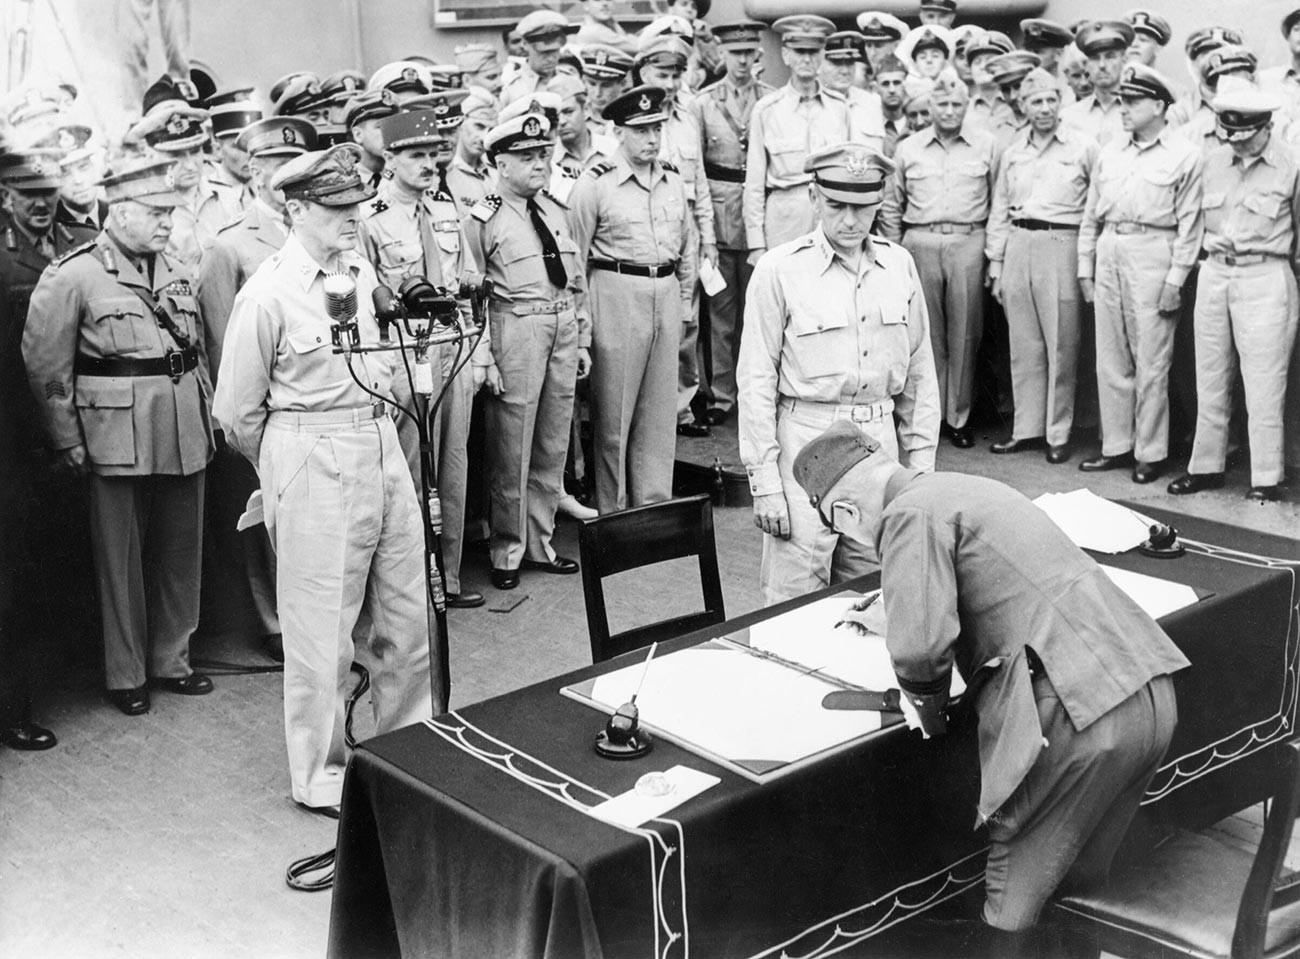 La resa del Giappone, 2 settembre 1945